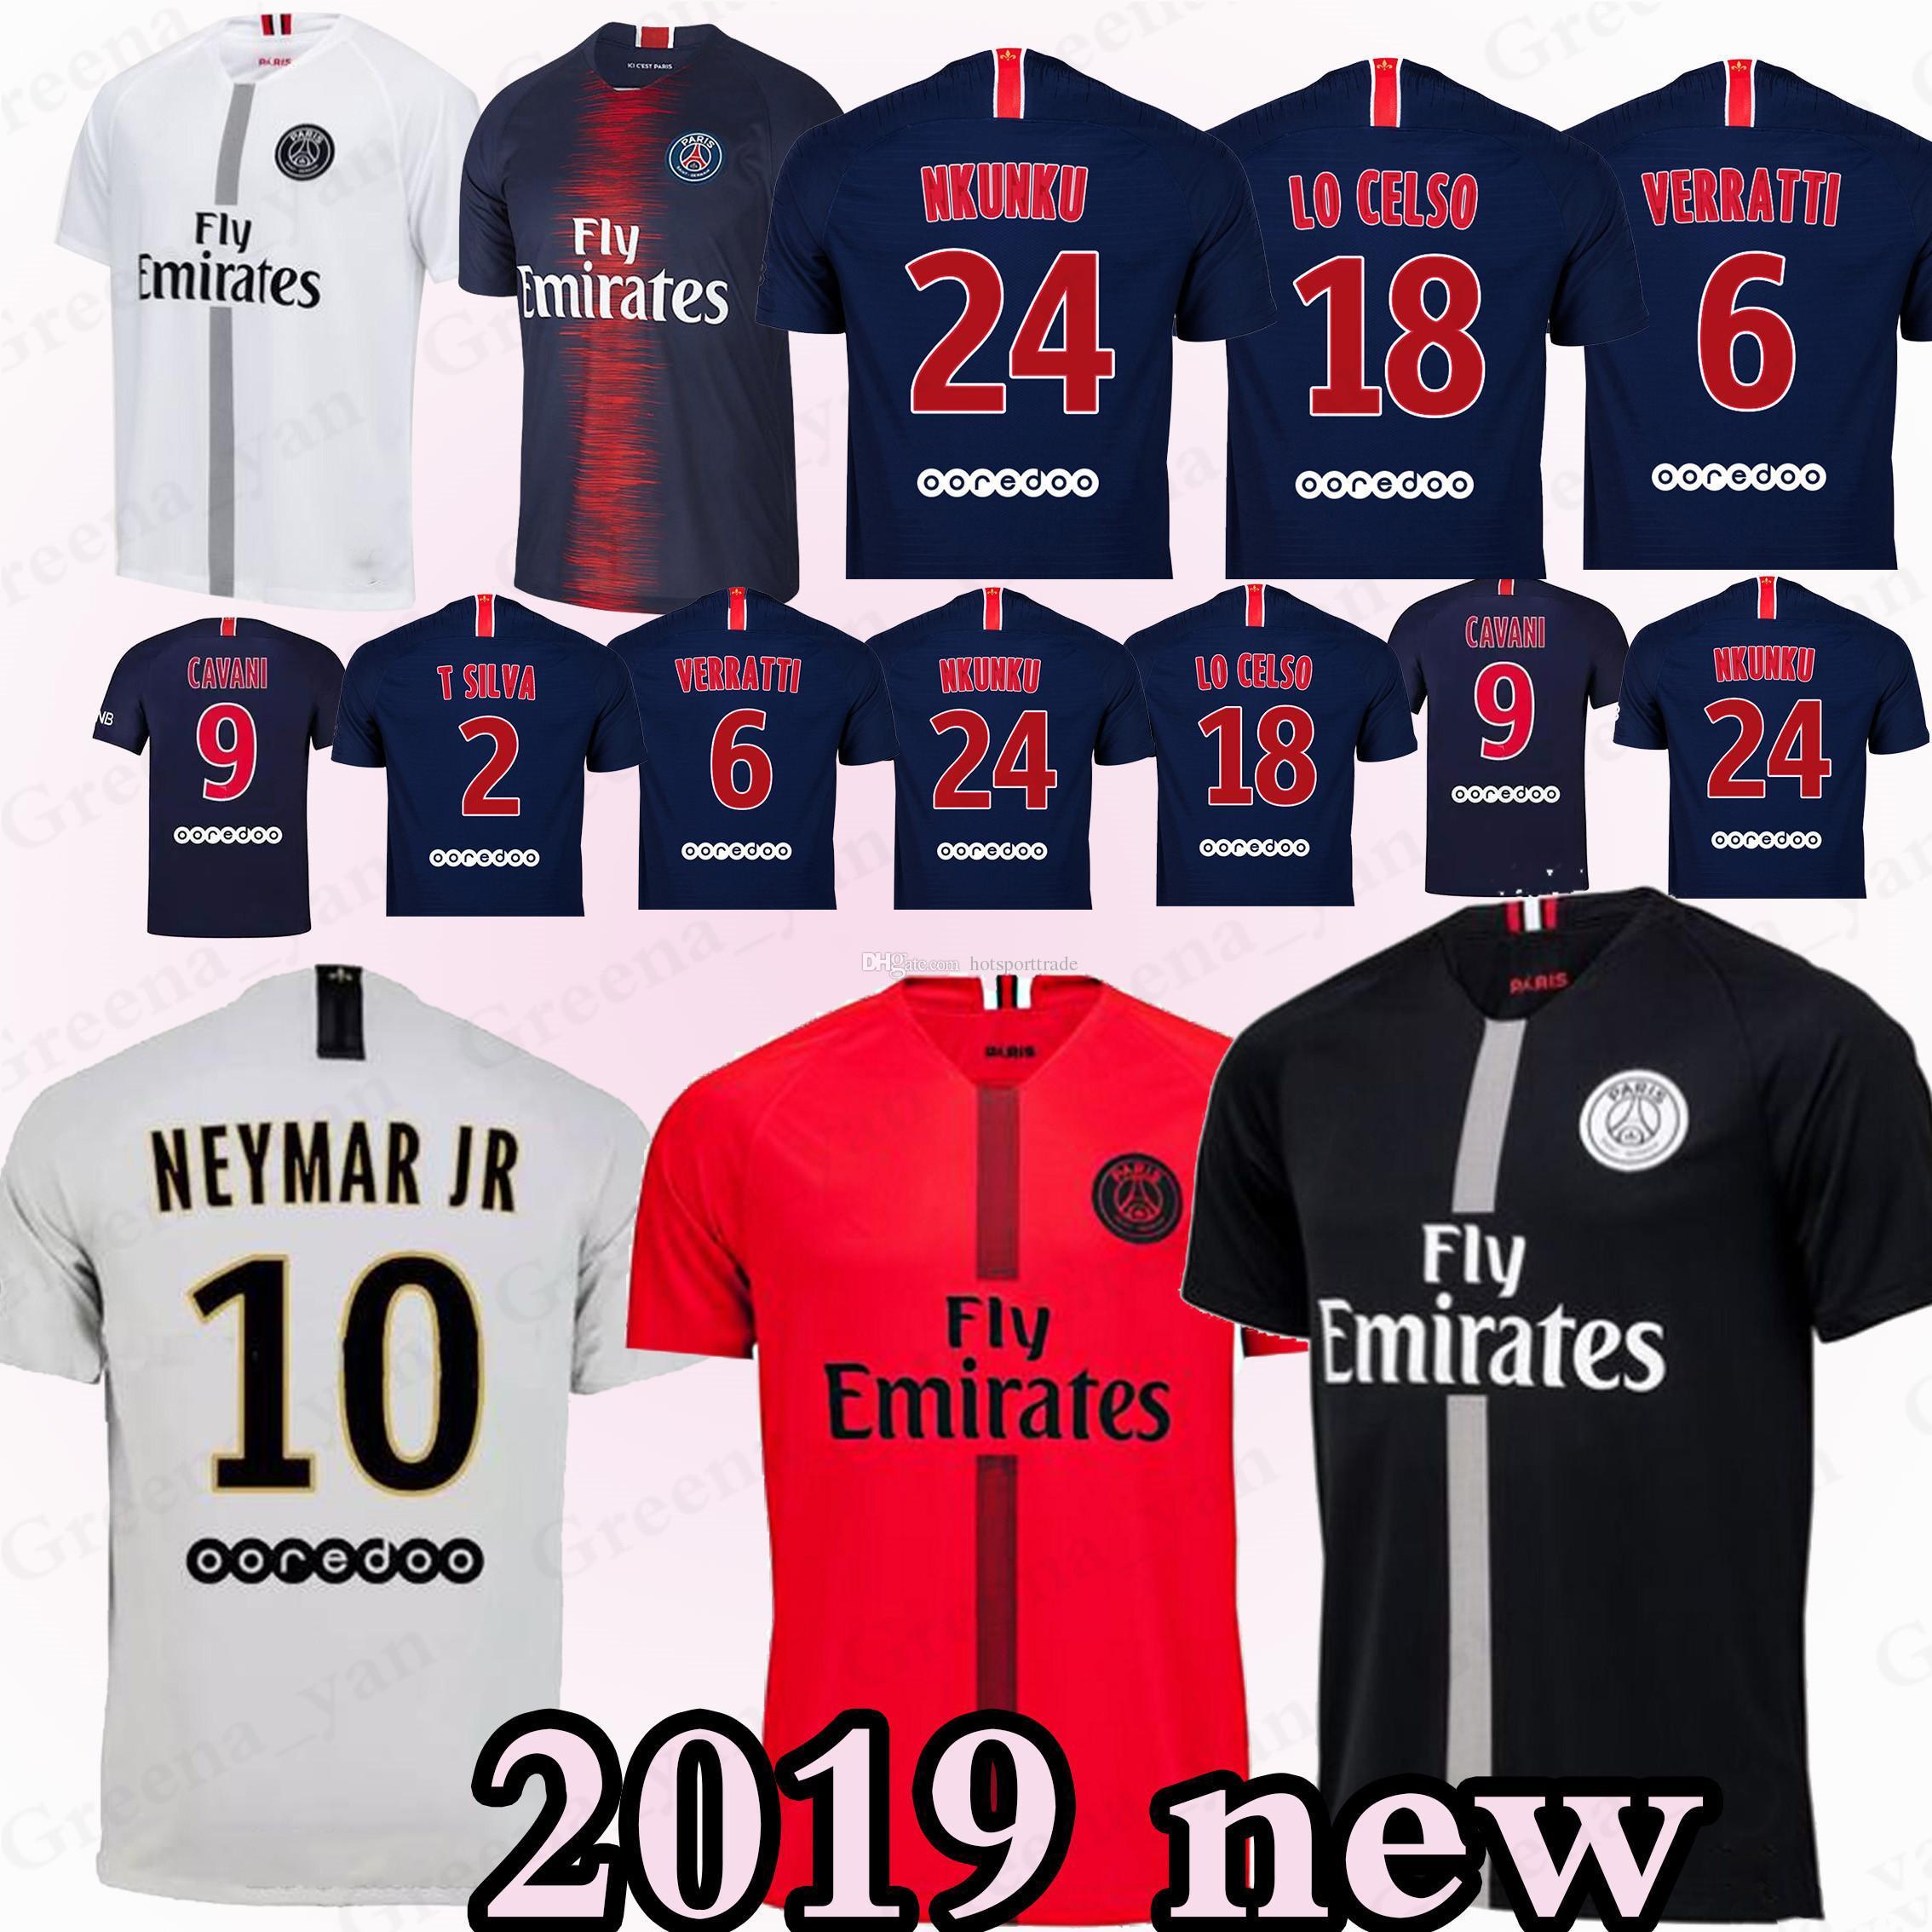 Camiseta De Fútbol De Paris Saint Germain PSG 7 Mbappe 6 Verratti Cavani  DANI ALVES NEYMA JR 10 Camisetas De Fútbol Hombre Kits Para Niños Por  Hotsporttrade ... de126b1f08b84